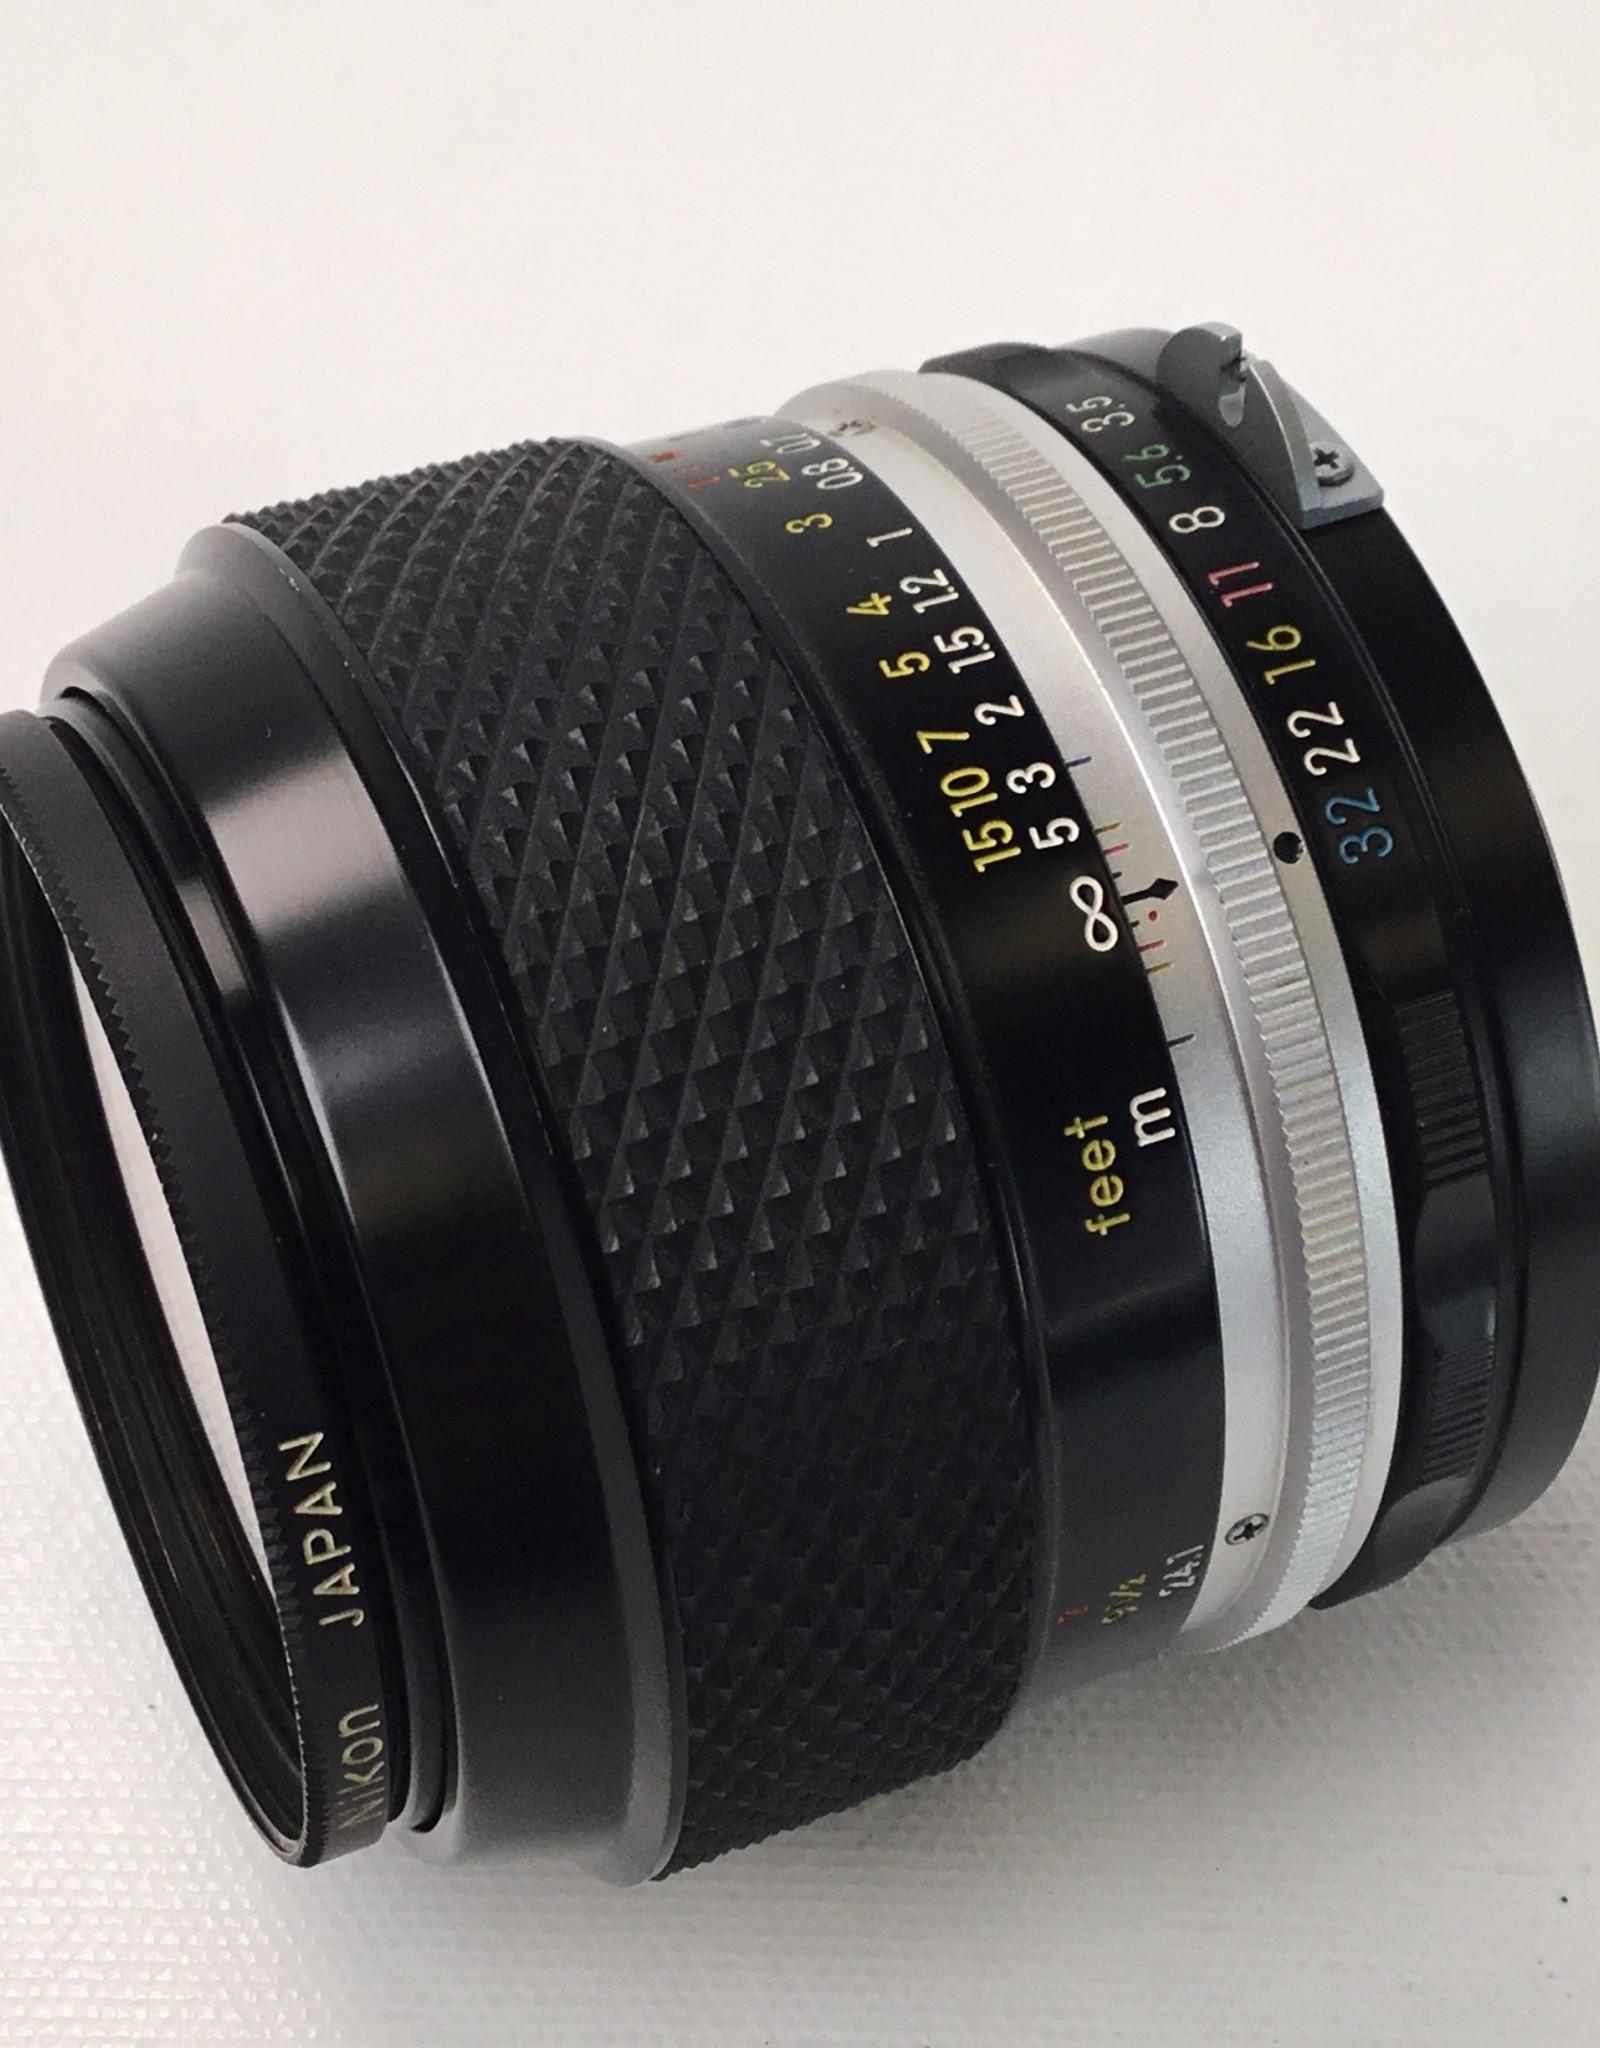 NIKON Nikon Micro Nikkor PC Auto 55mm f3.5 Non AI Lens Used EX